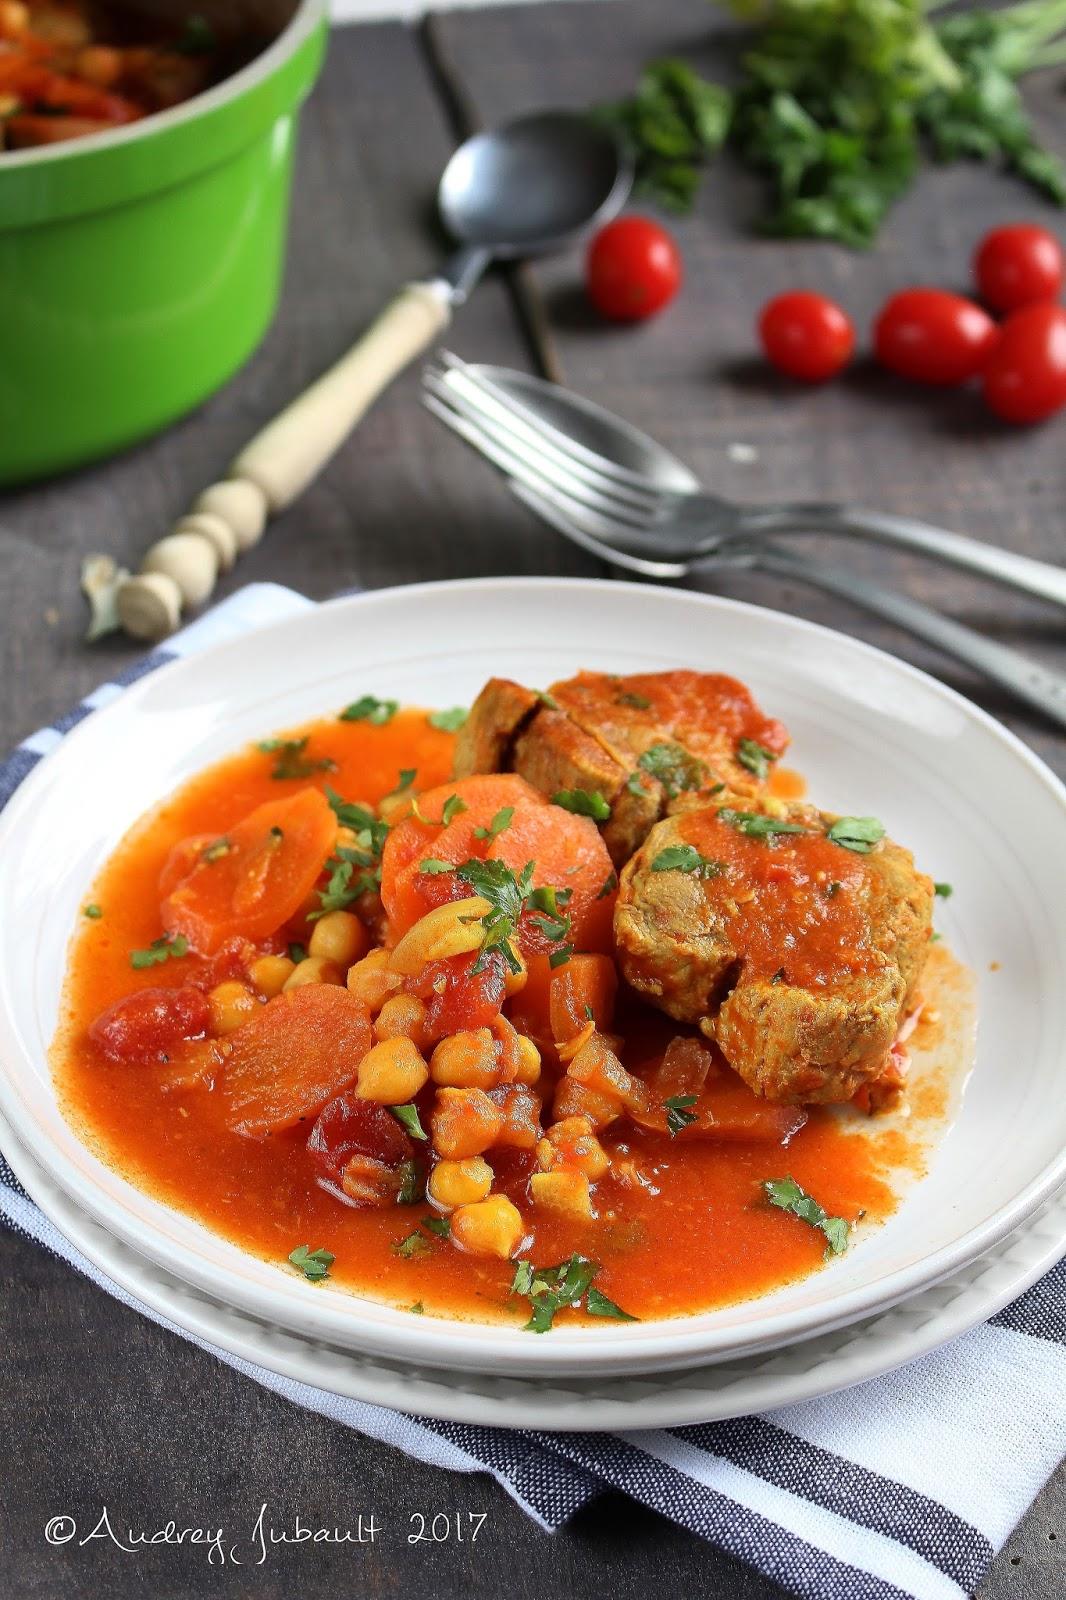 Filet mignon en cocotte carottes pois chiches blogs - Cuisiner un filet mignon de porc en cocotte ...